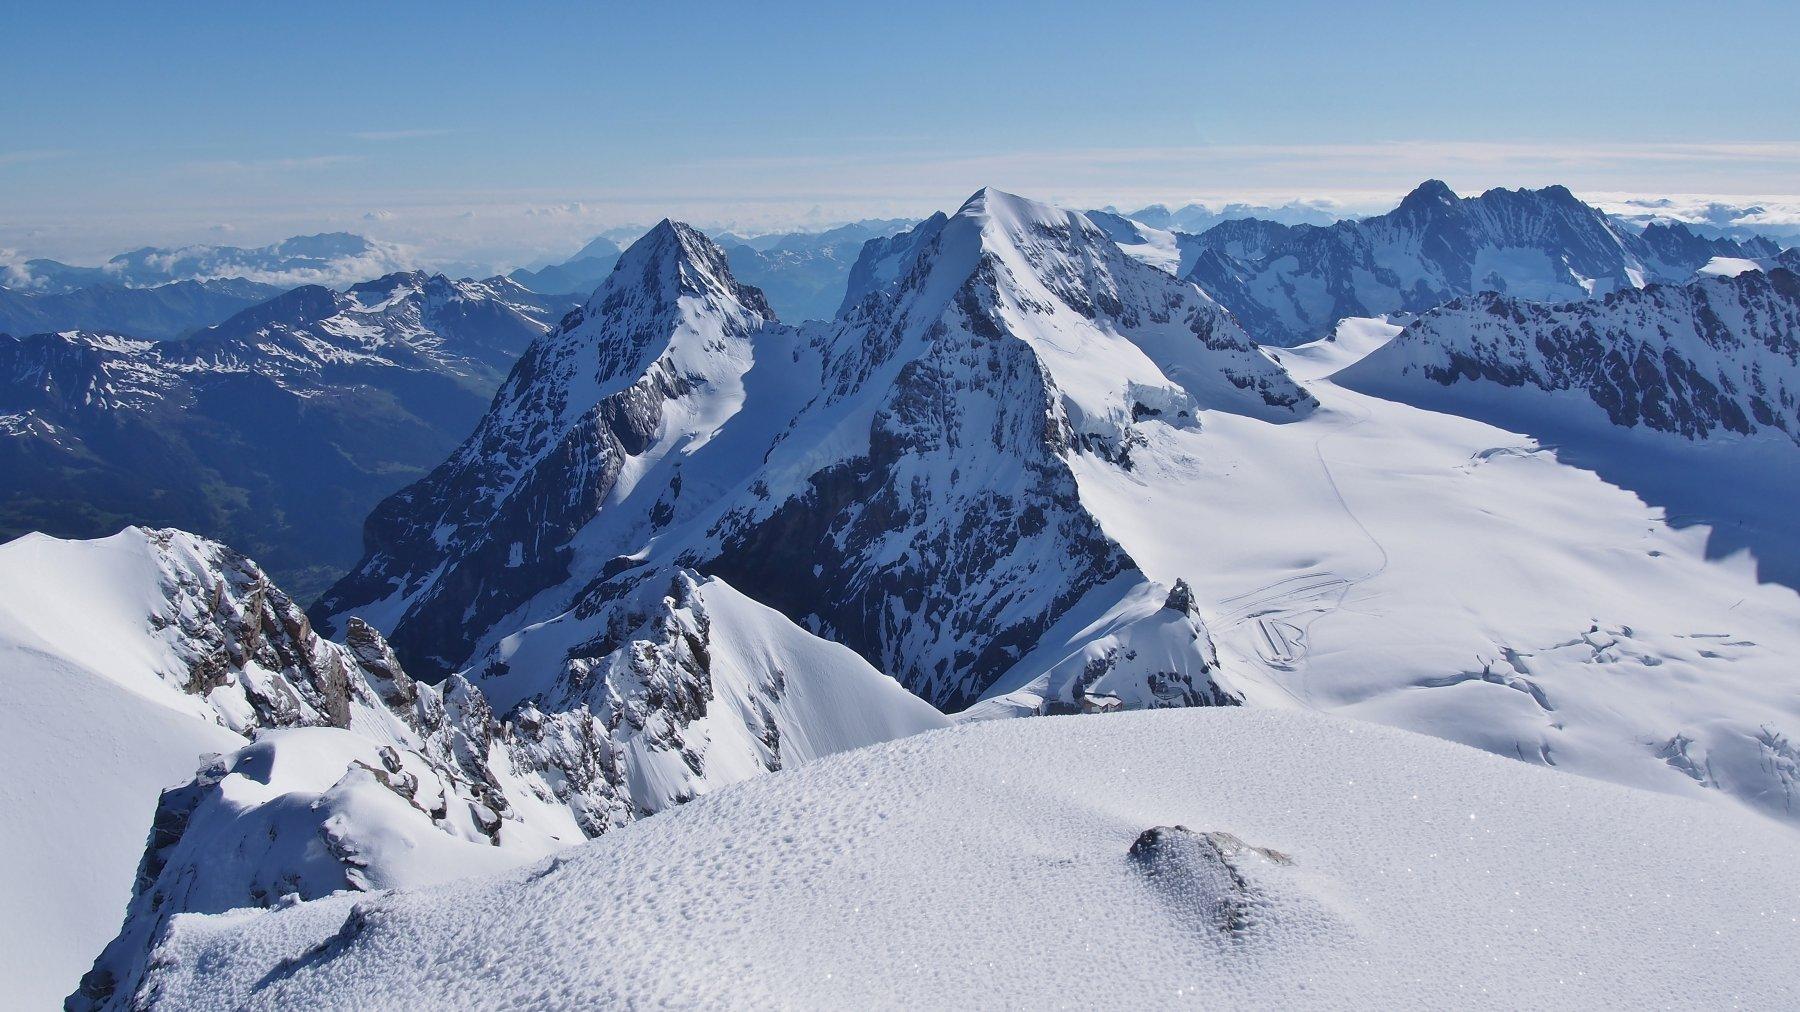 Jungfrau da Monchsjochhutte 2019-06-23